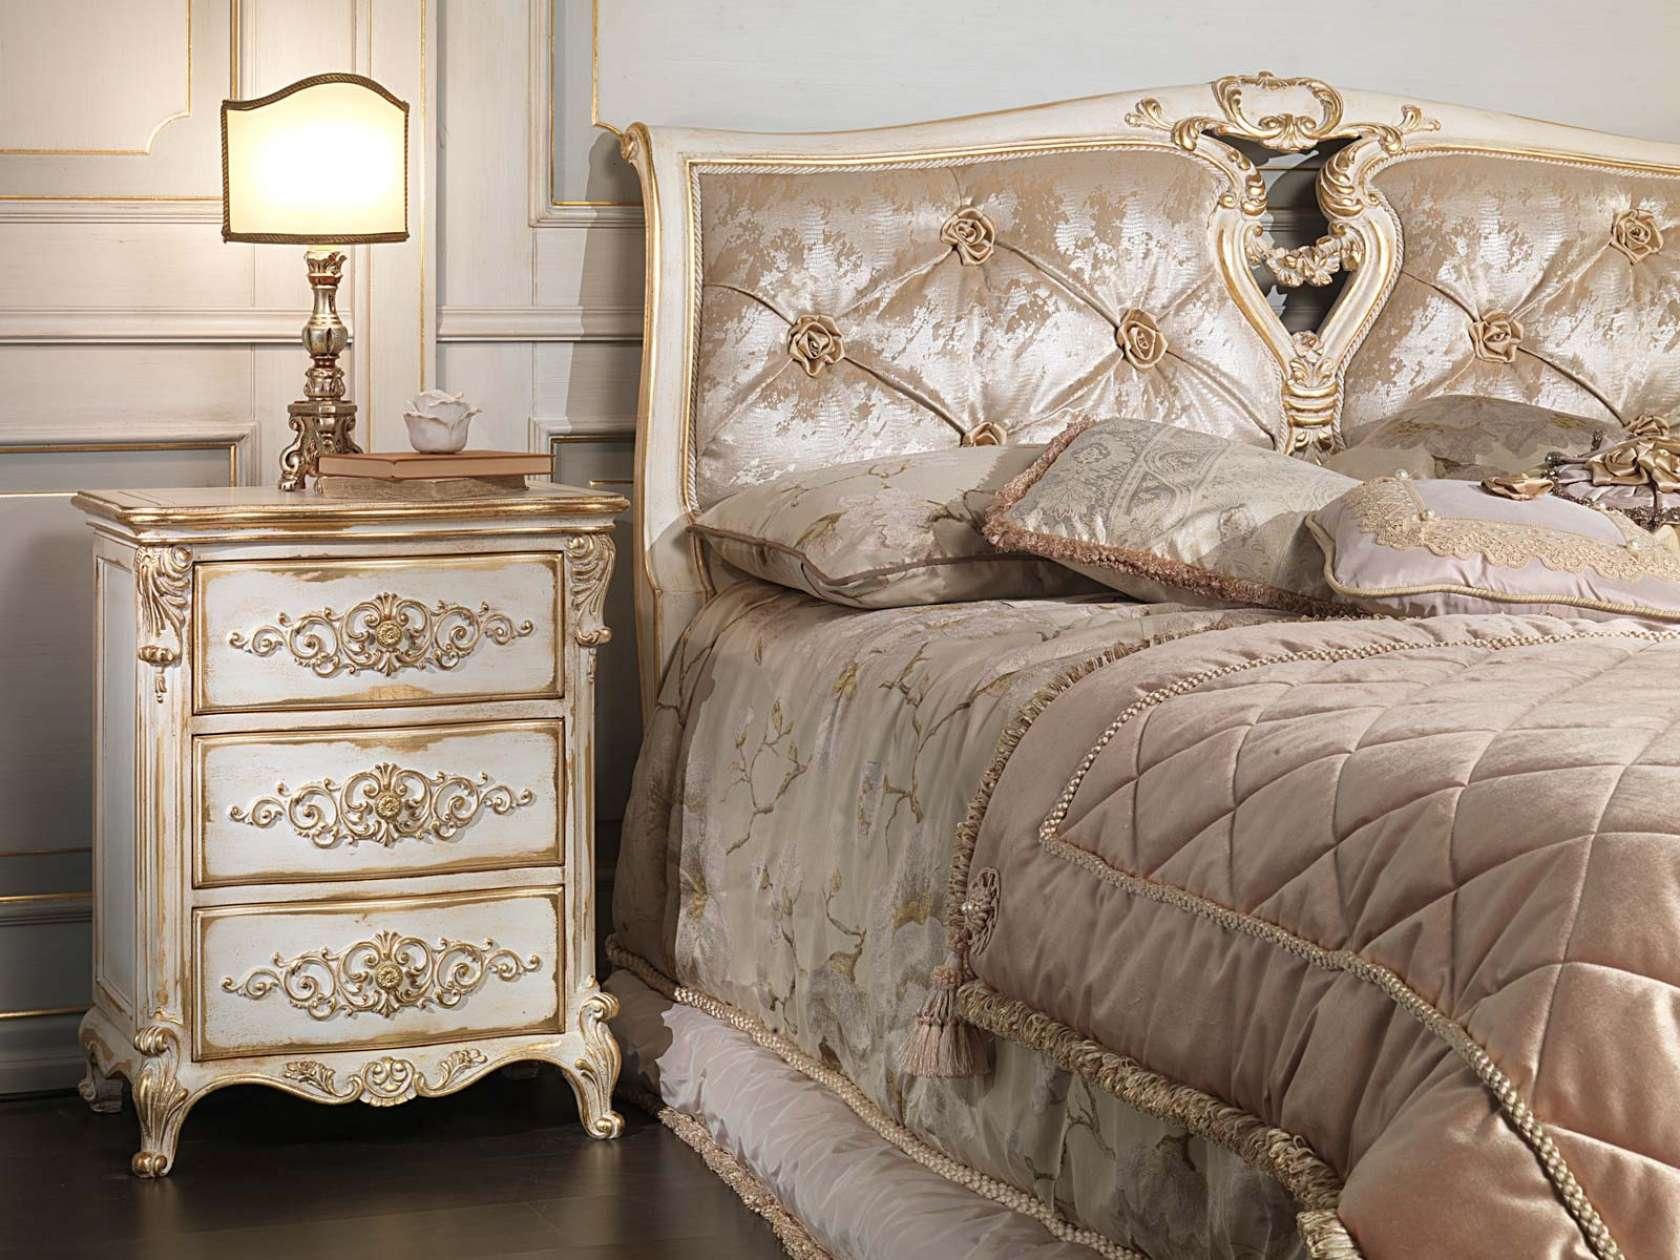 Camera da letto classica in stile luigi xvi letto for Magri arreda camere da letto